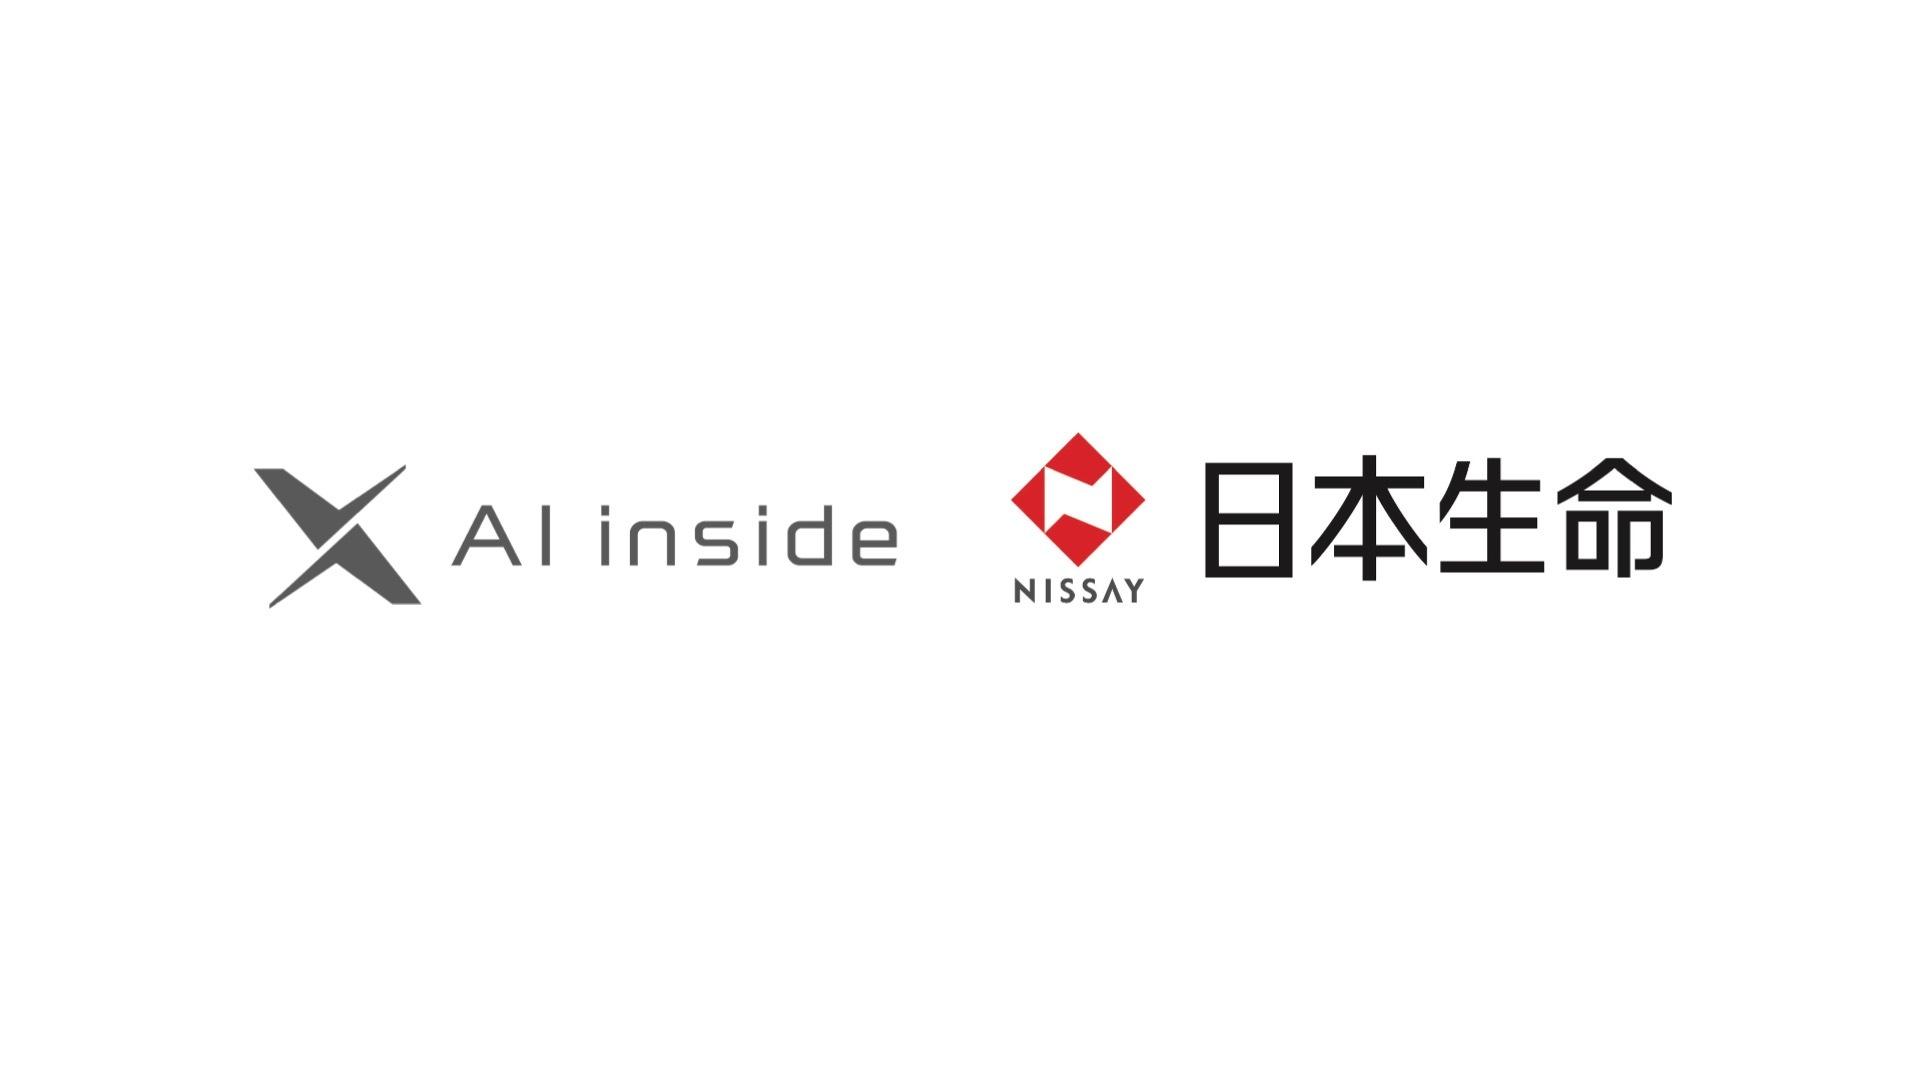 日本生命保険相互会社がAI insideのAI-OCR「DX Suite」をオンプレミスで導入、金融機関窓口販売商品の新契約受付業務において事務コストを約40~50%削減